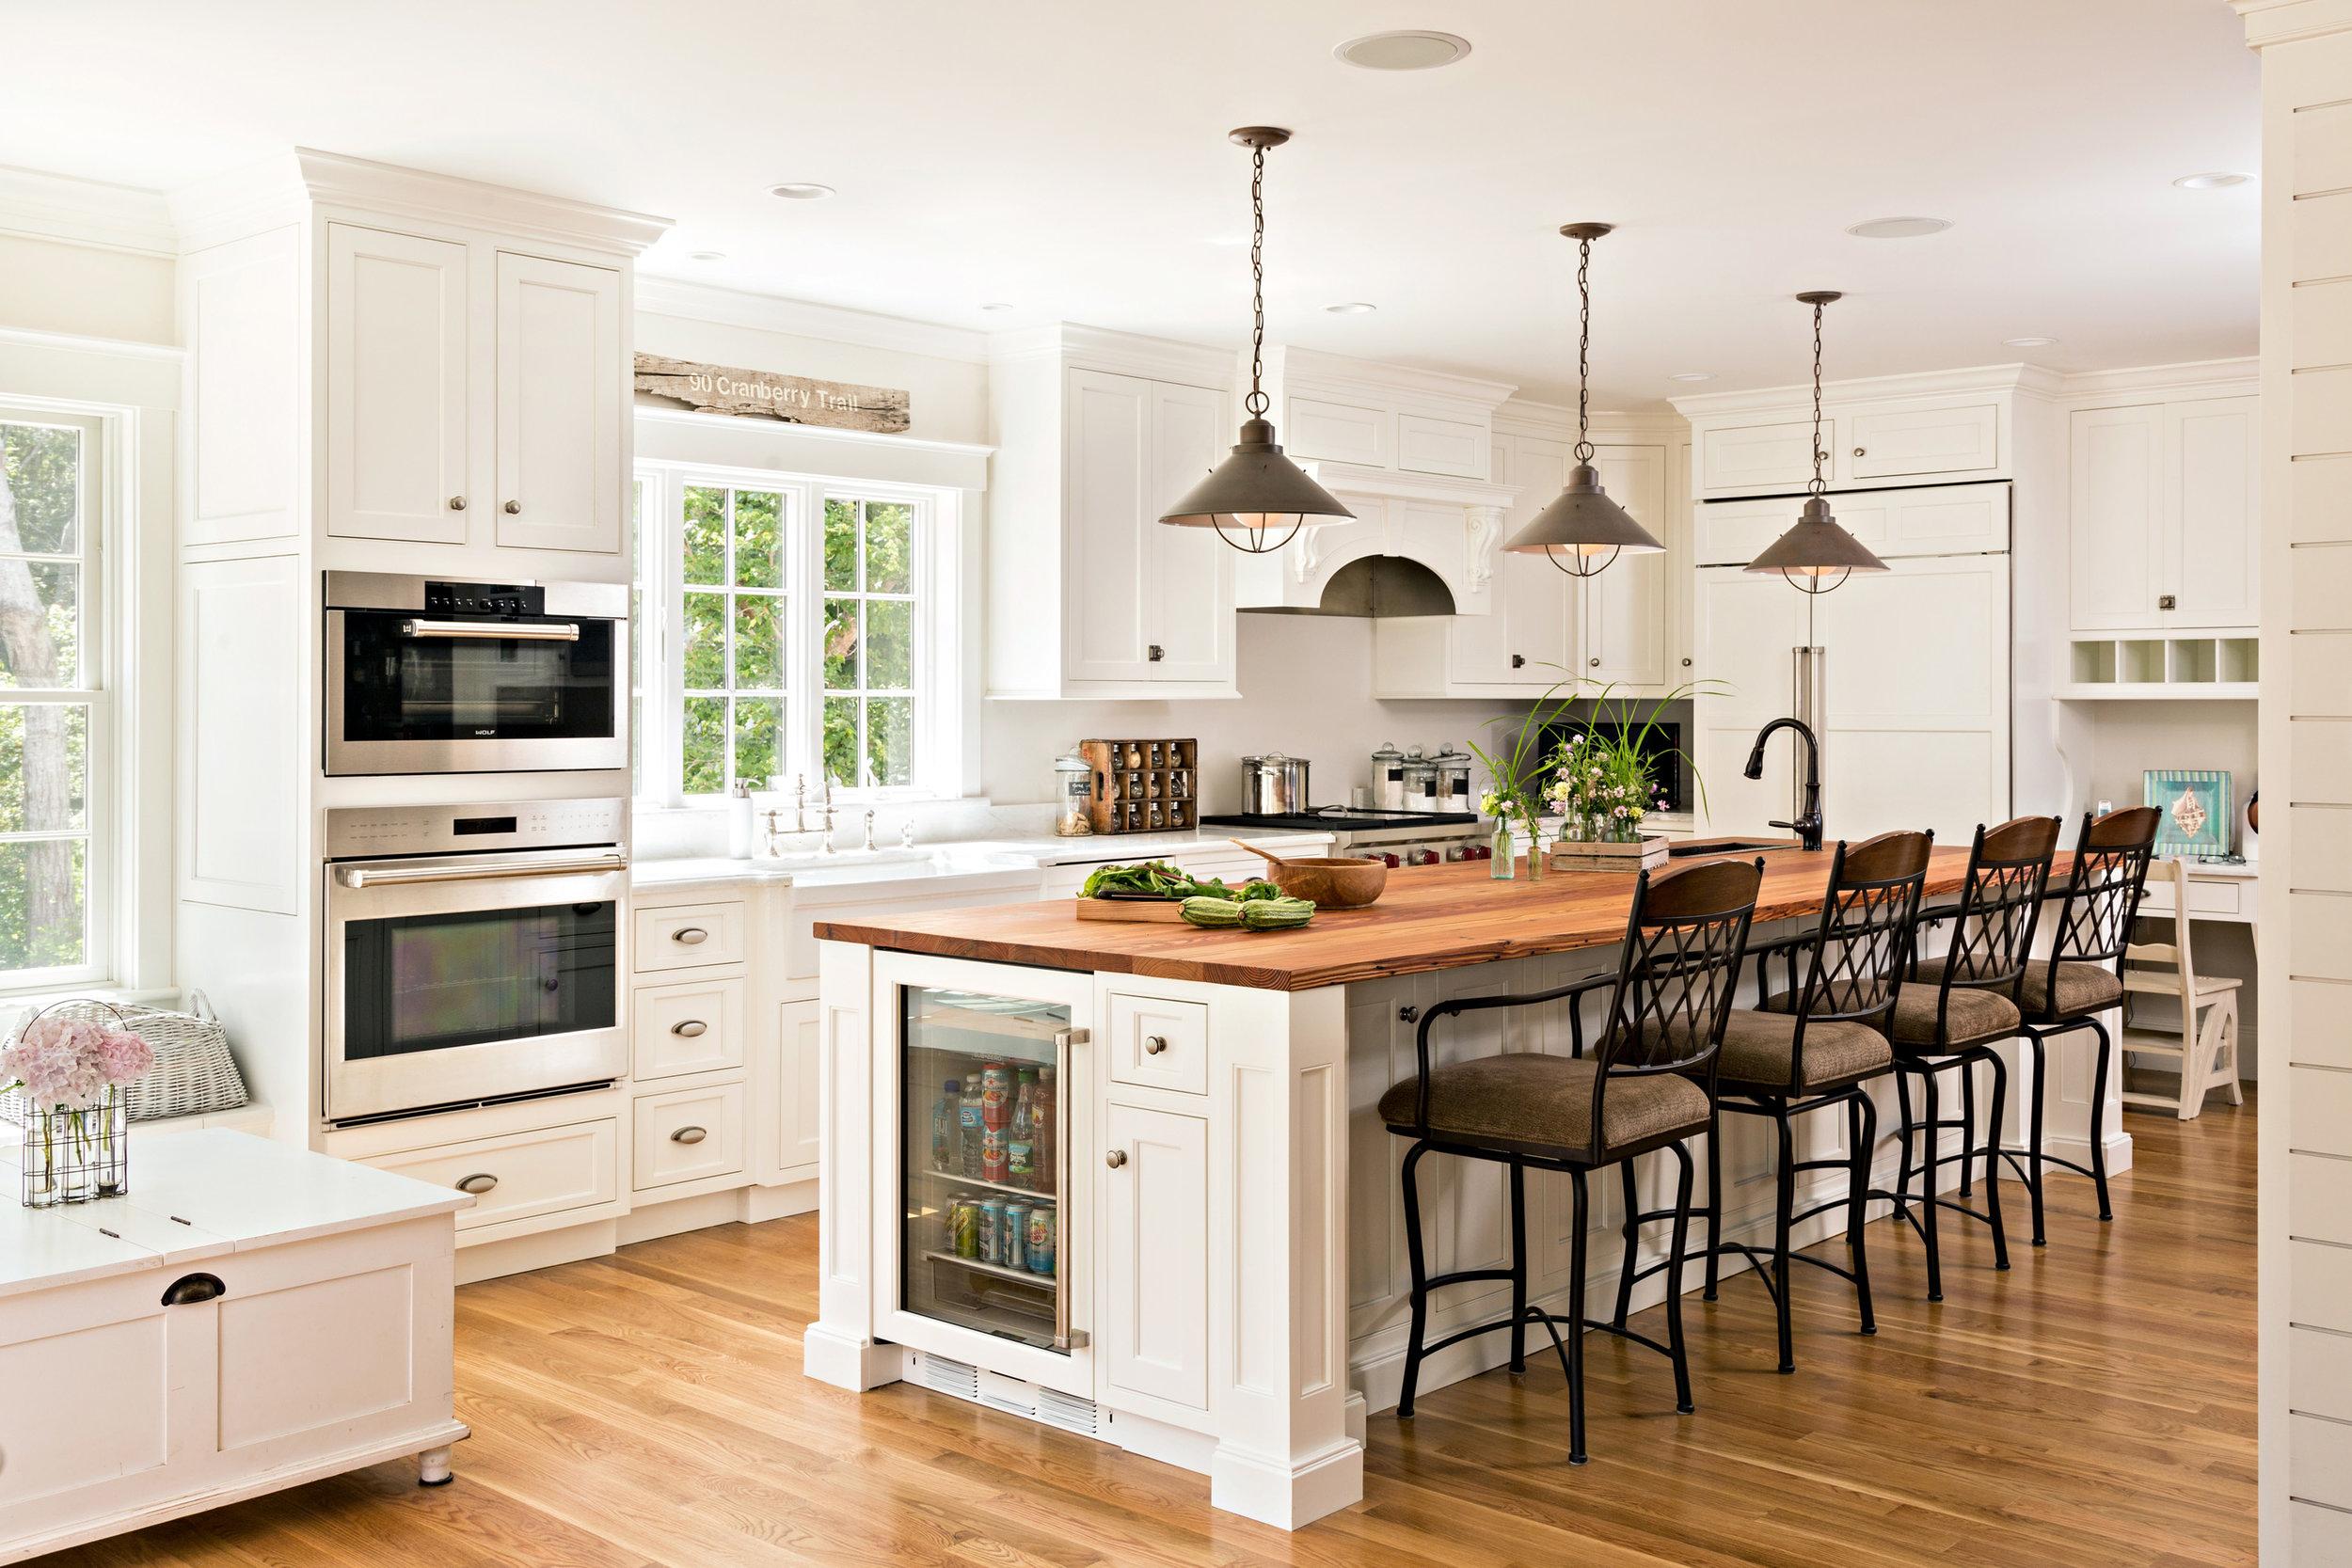 kitchen-6-b.jpg